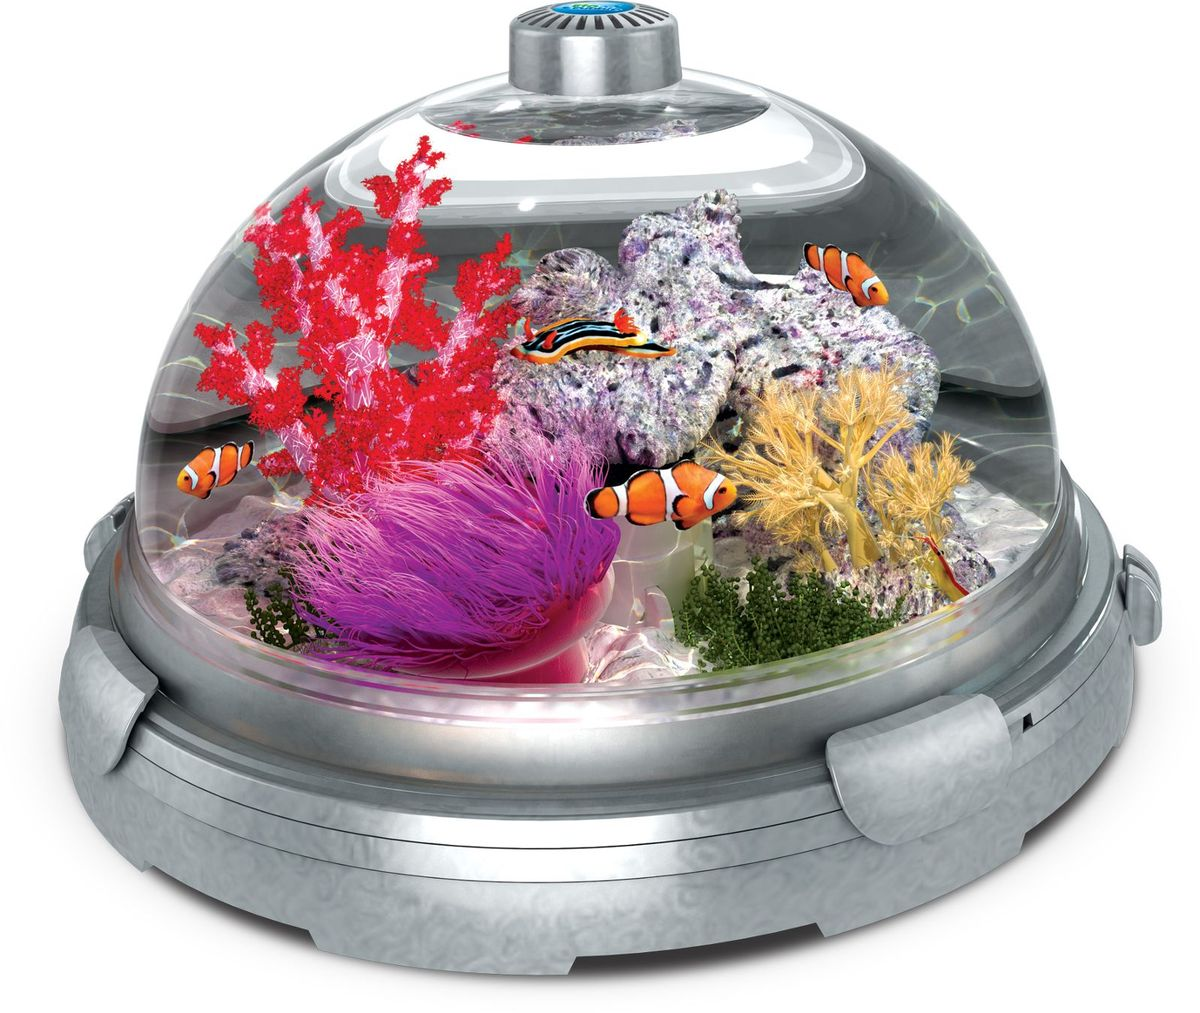 Комплект-аквариум  BioBubble Aquarium Bundle , цвет: серебристый + подарок-декор  Будда